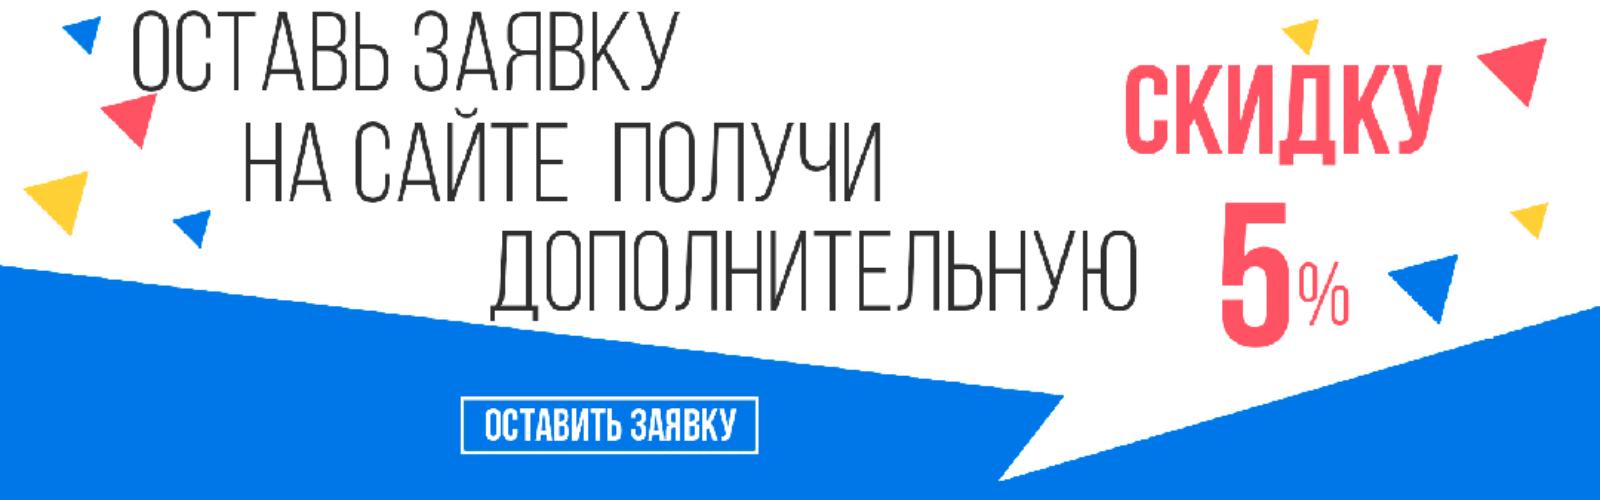 skidka-5-new